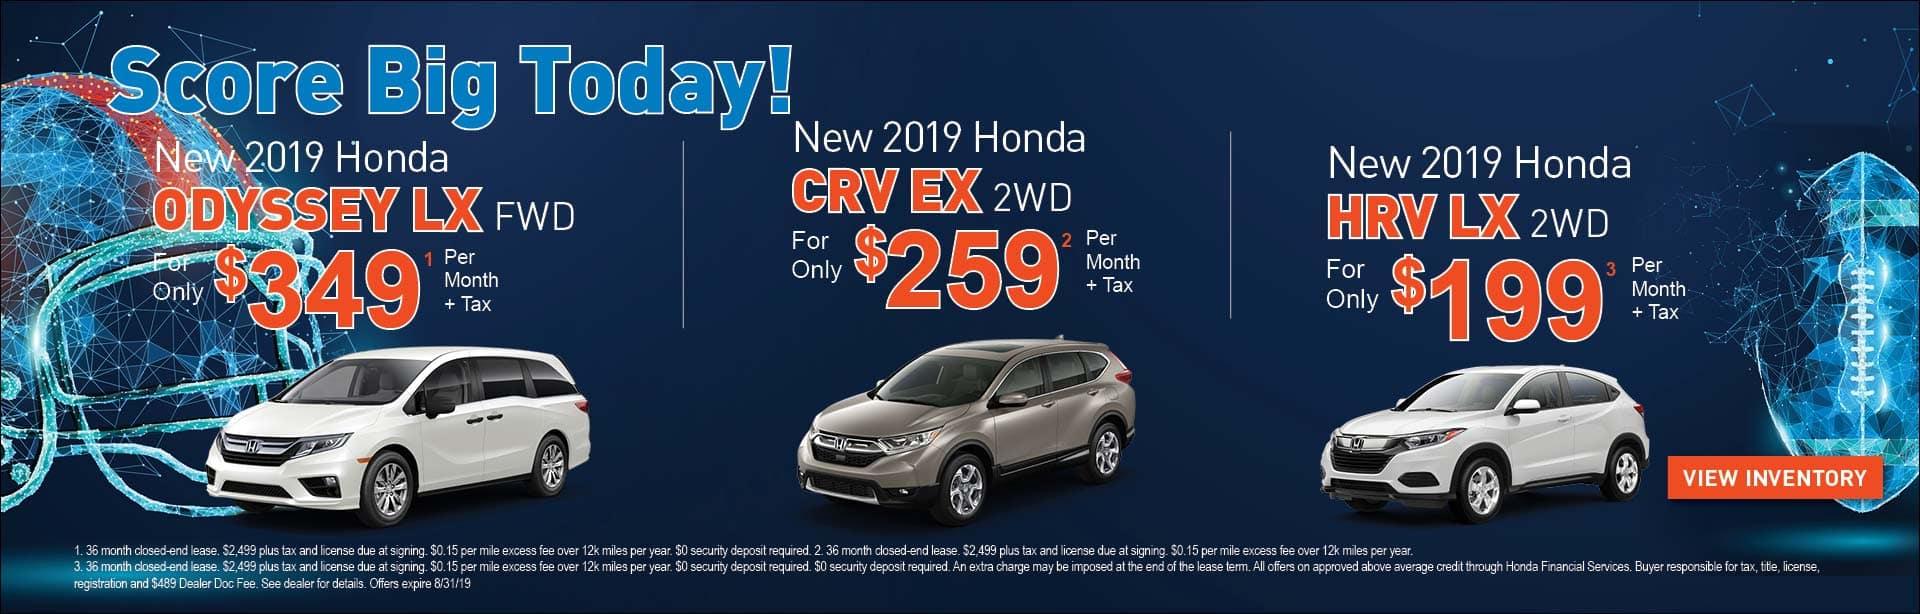 Odyssey LX, CRV EX, HRV LX Special